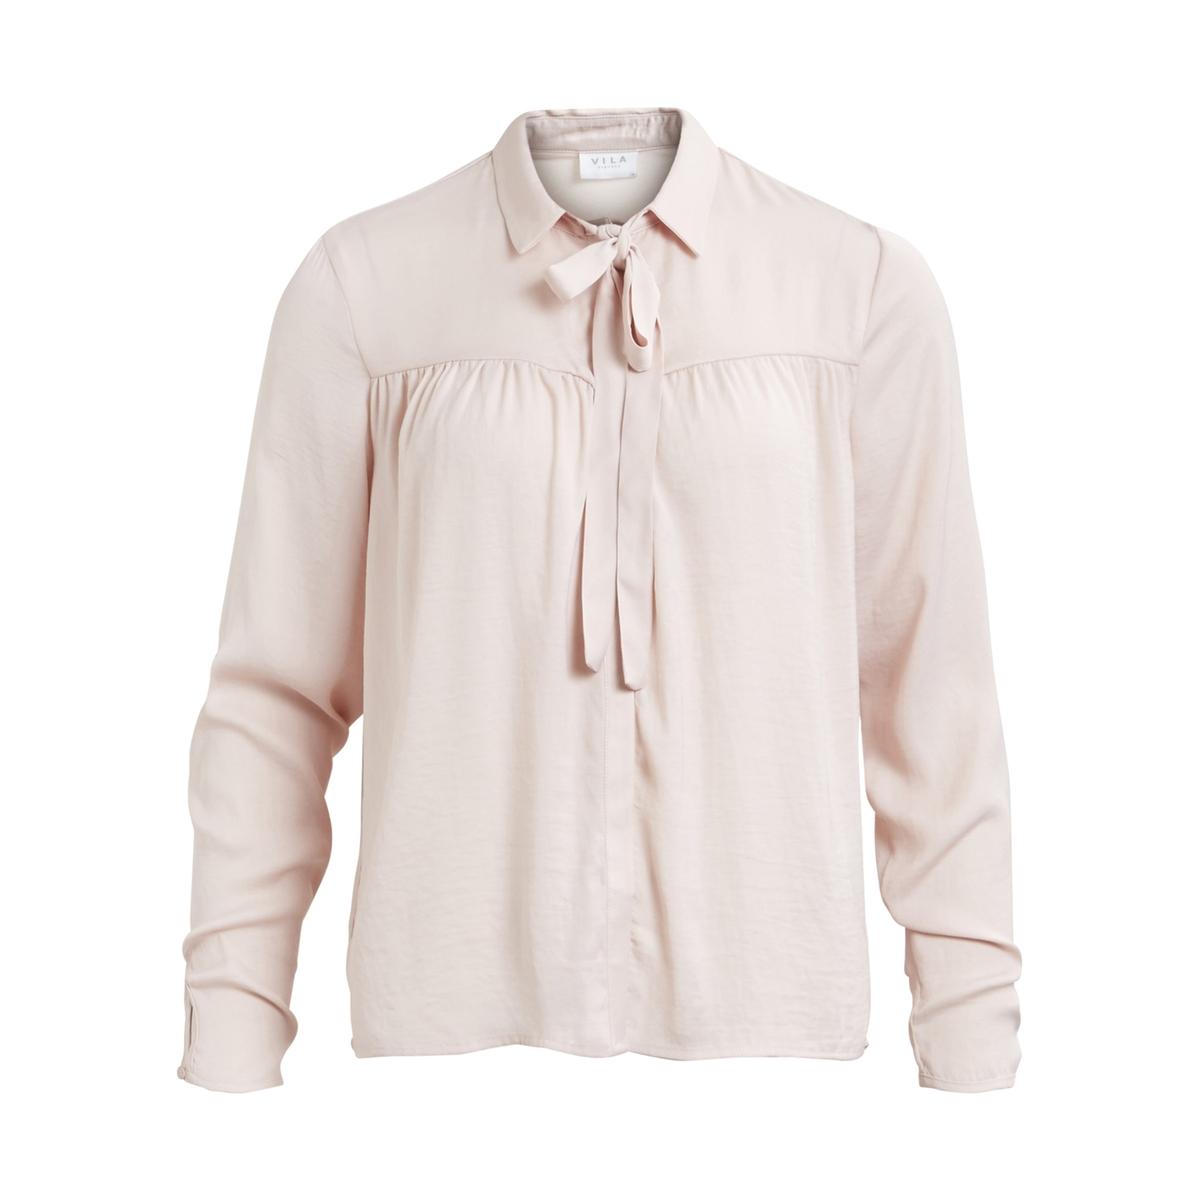 Рубашка однотонная с галстуком-бантом и длинными рукавамиДетали •  Длинные рукава •  Прямой покрой  •  Галстук-бант •  Кончики воротника на пуговицахСостав и уход •  100% полиэстер •  Следуйте советам по уходу, указанным на этикетке<br><br>Цвет: светло-розовый<br>Размер: XL